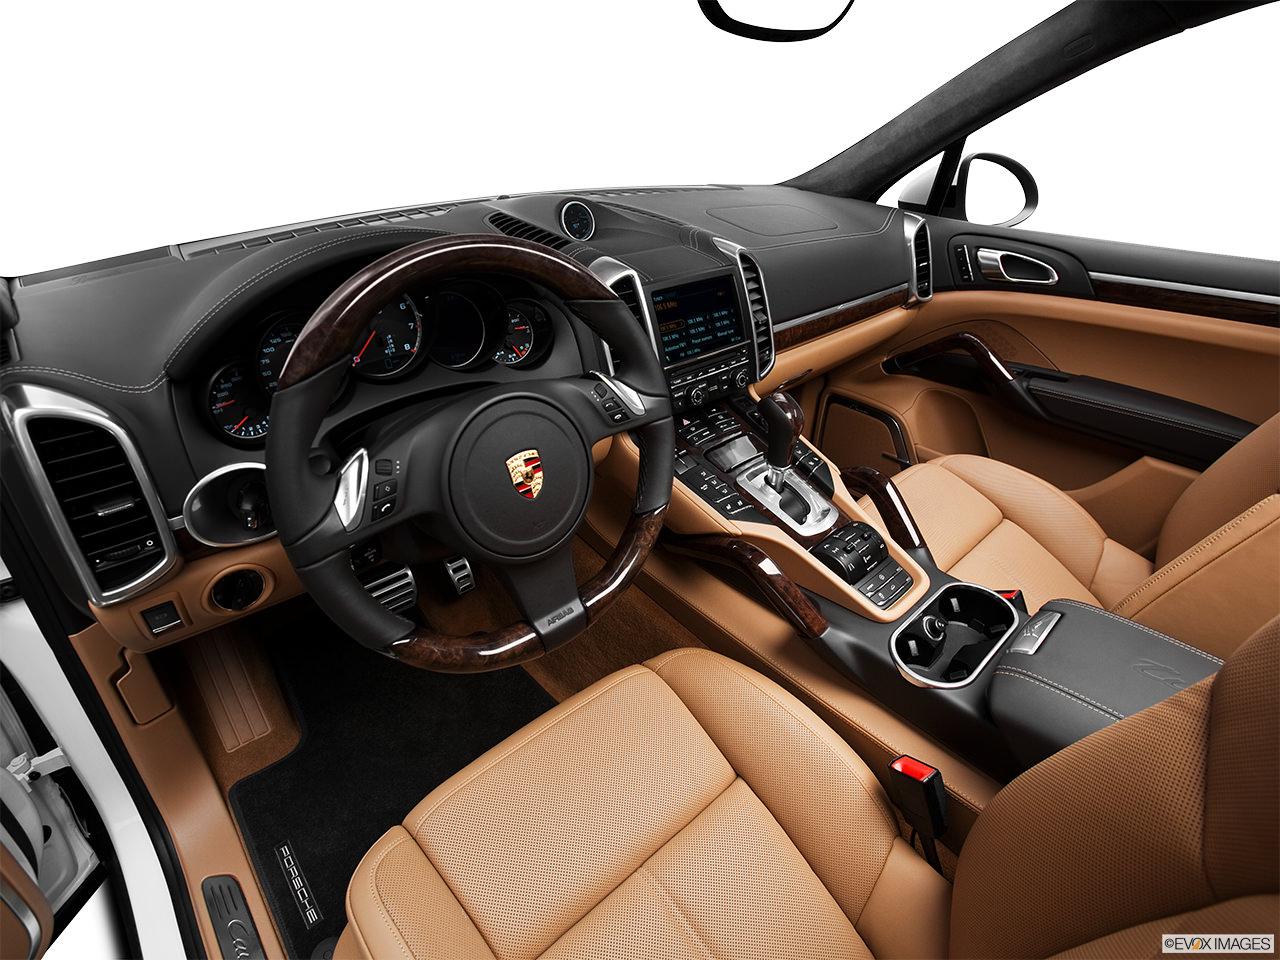 Porsche Cayenne 2012 interior